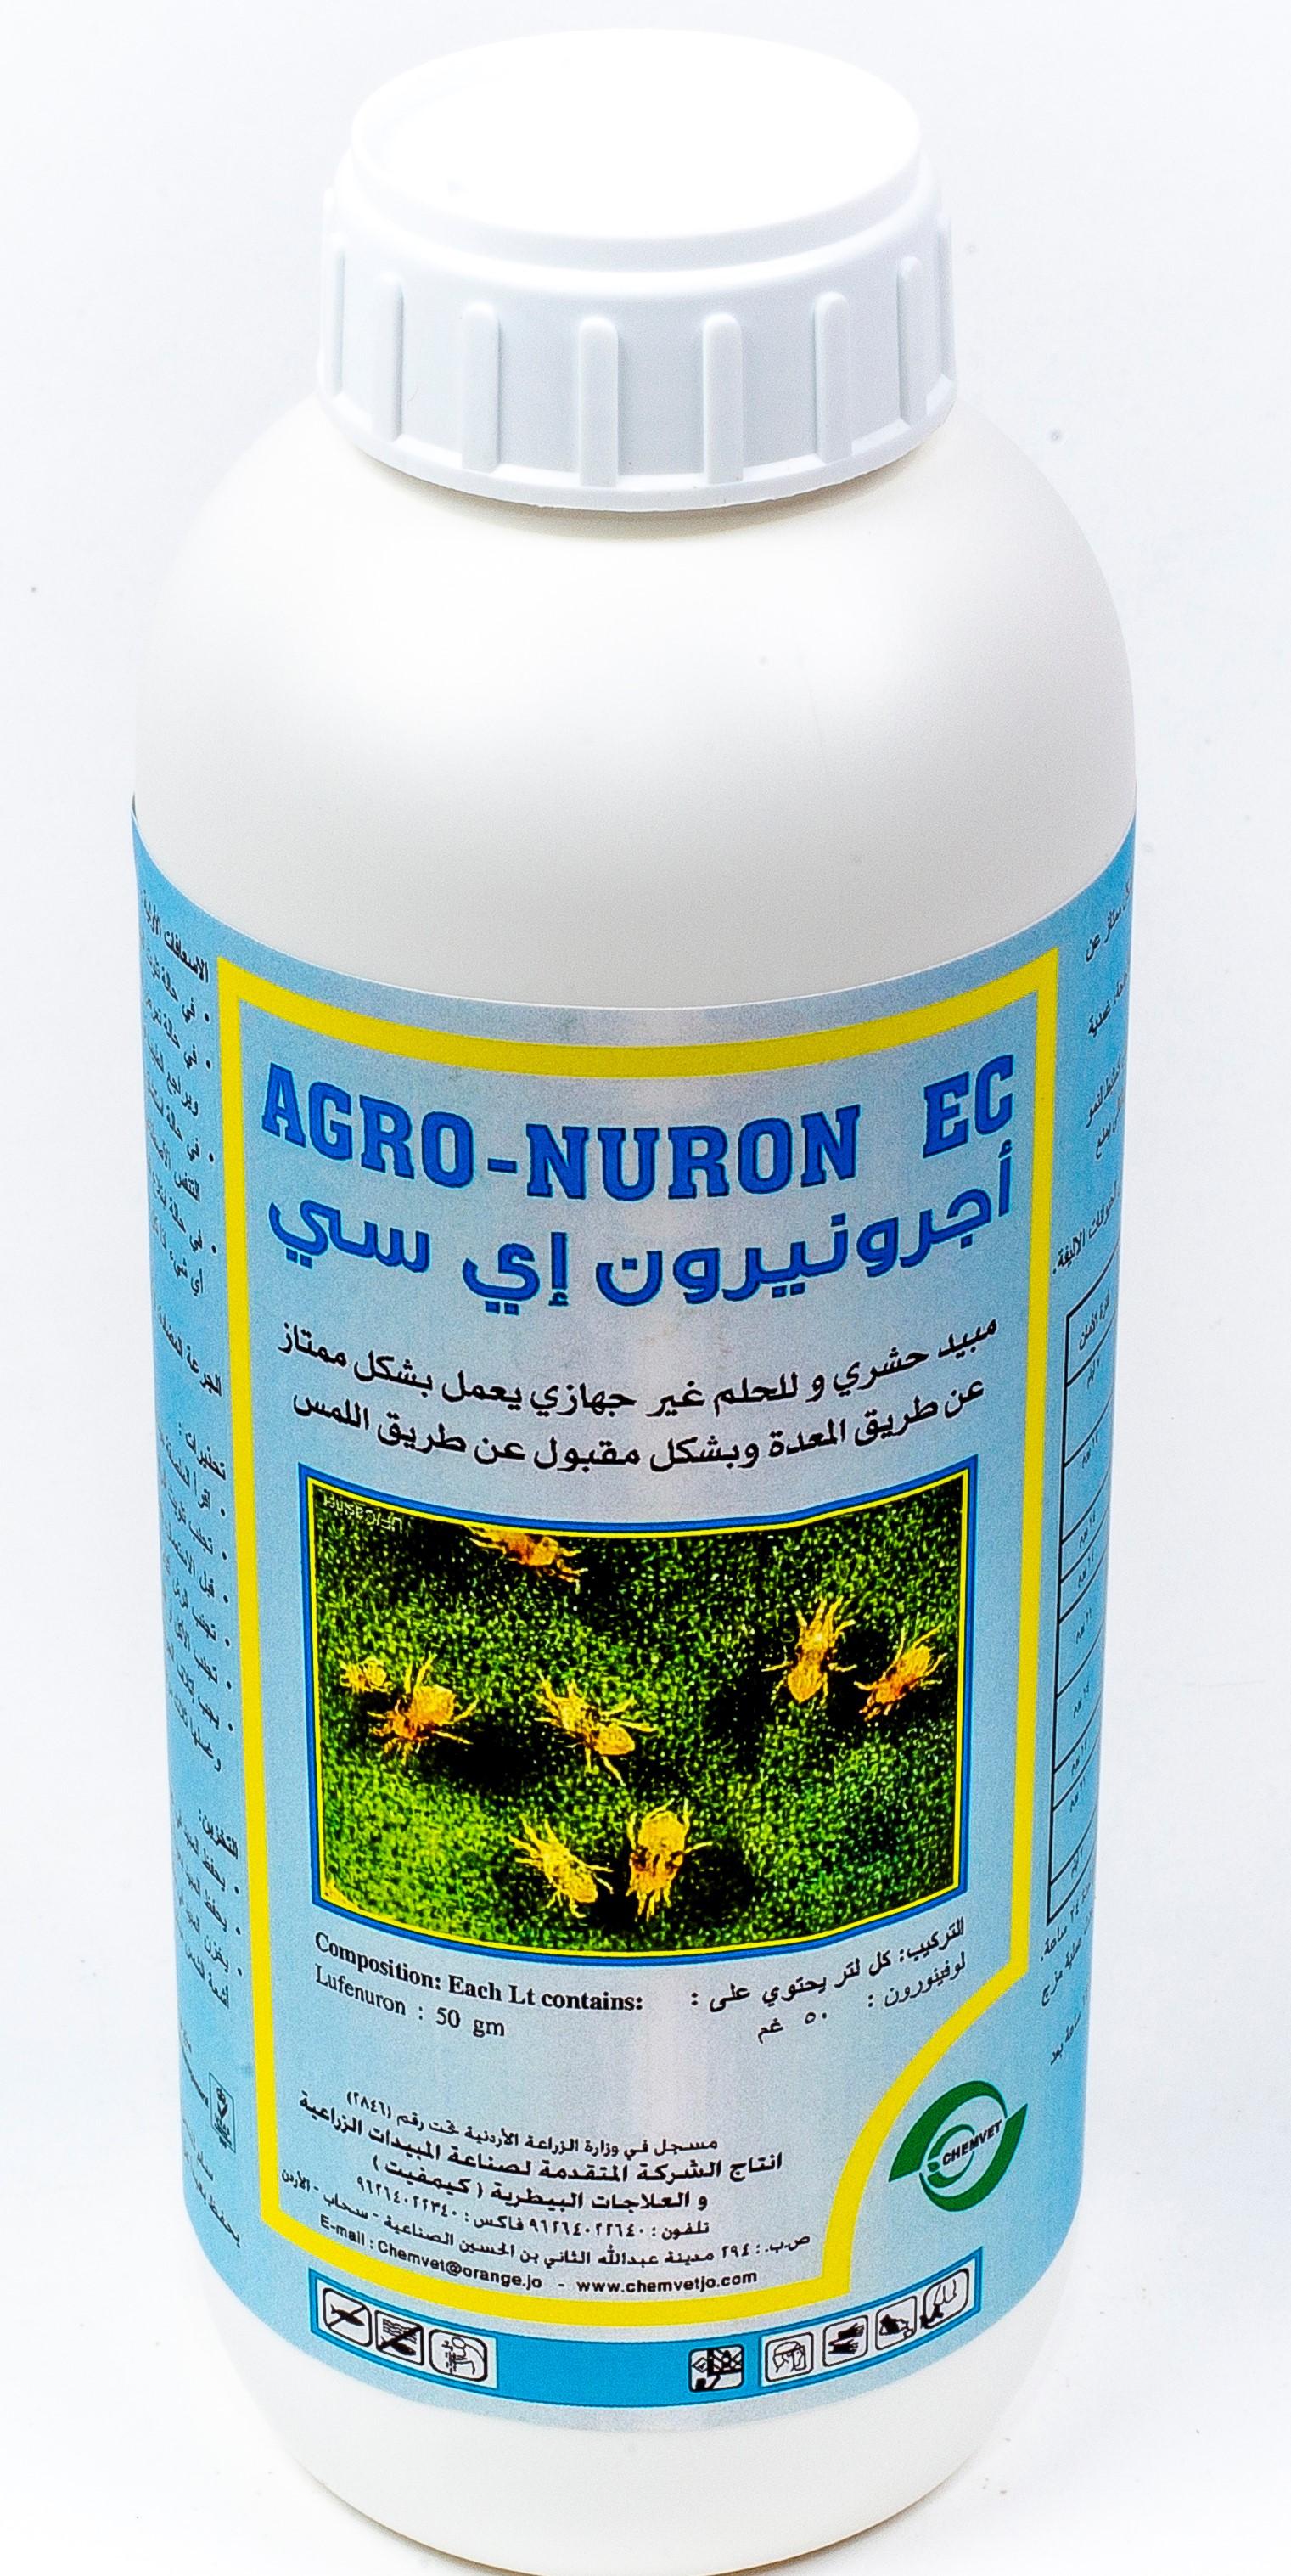 Agro-nuron